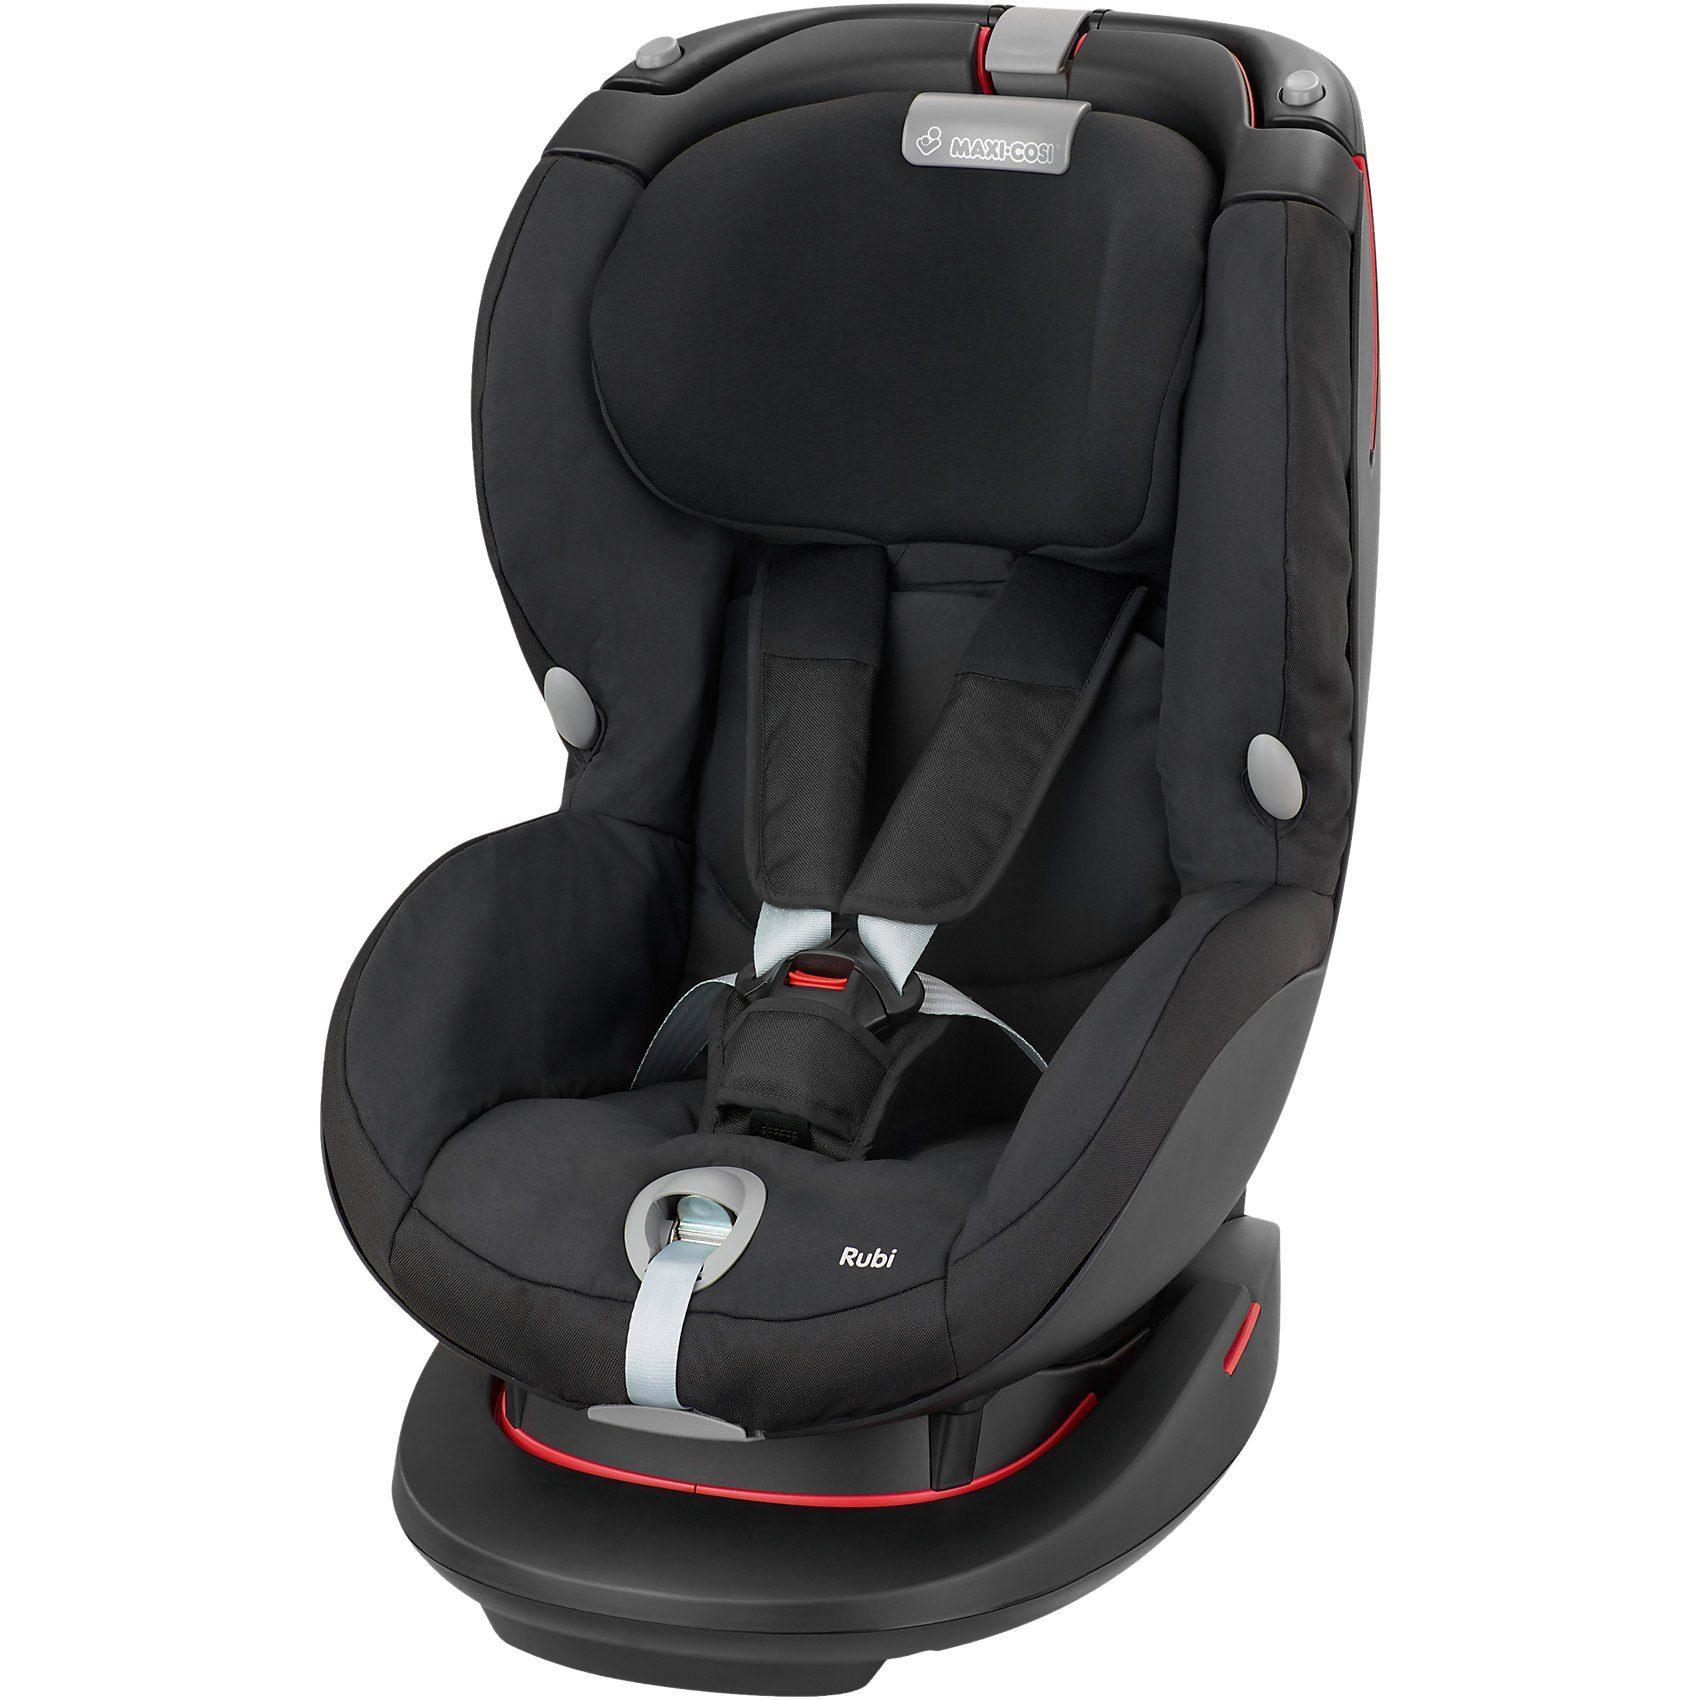 Maxi-Cosi Auto-Kindersitz Rubi XP, phantom, 2016